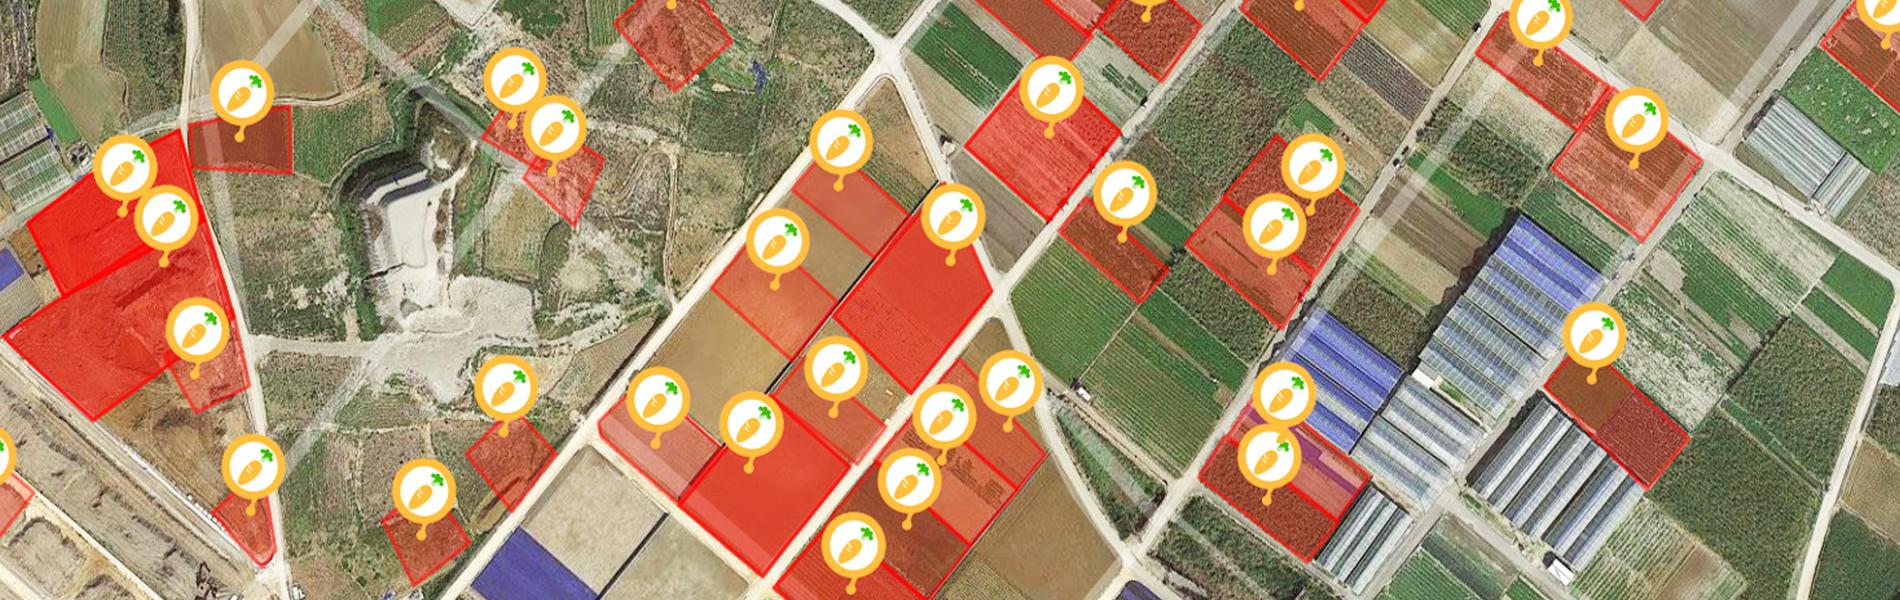 営農管理システムFarmBox